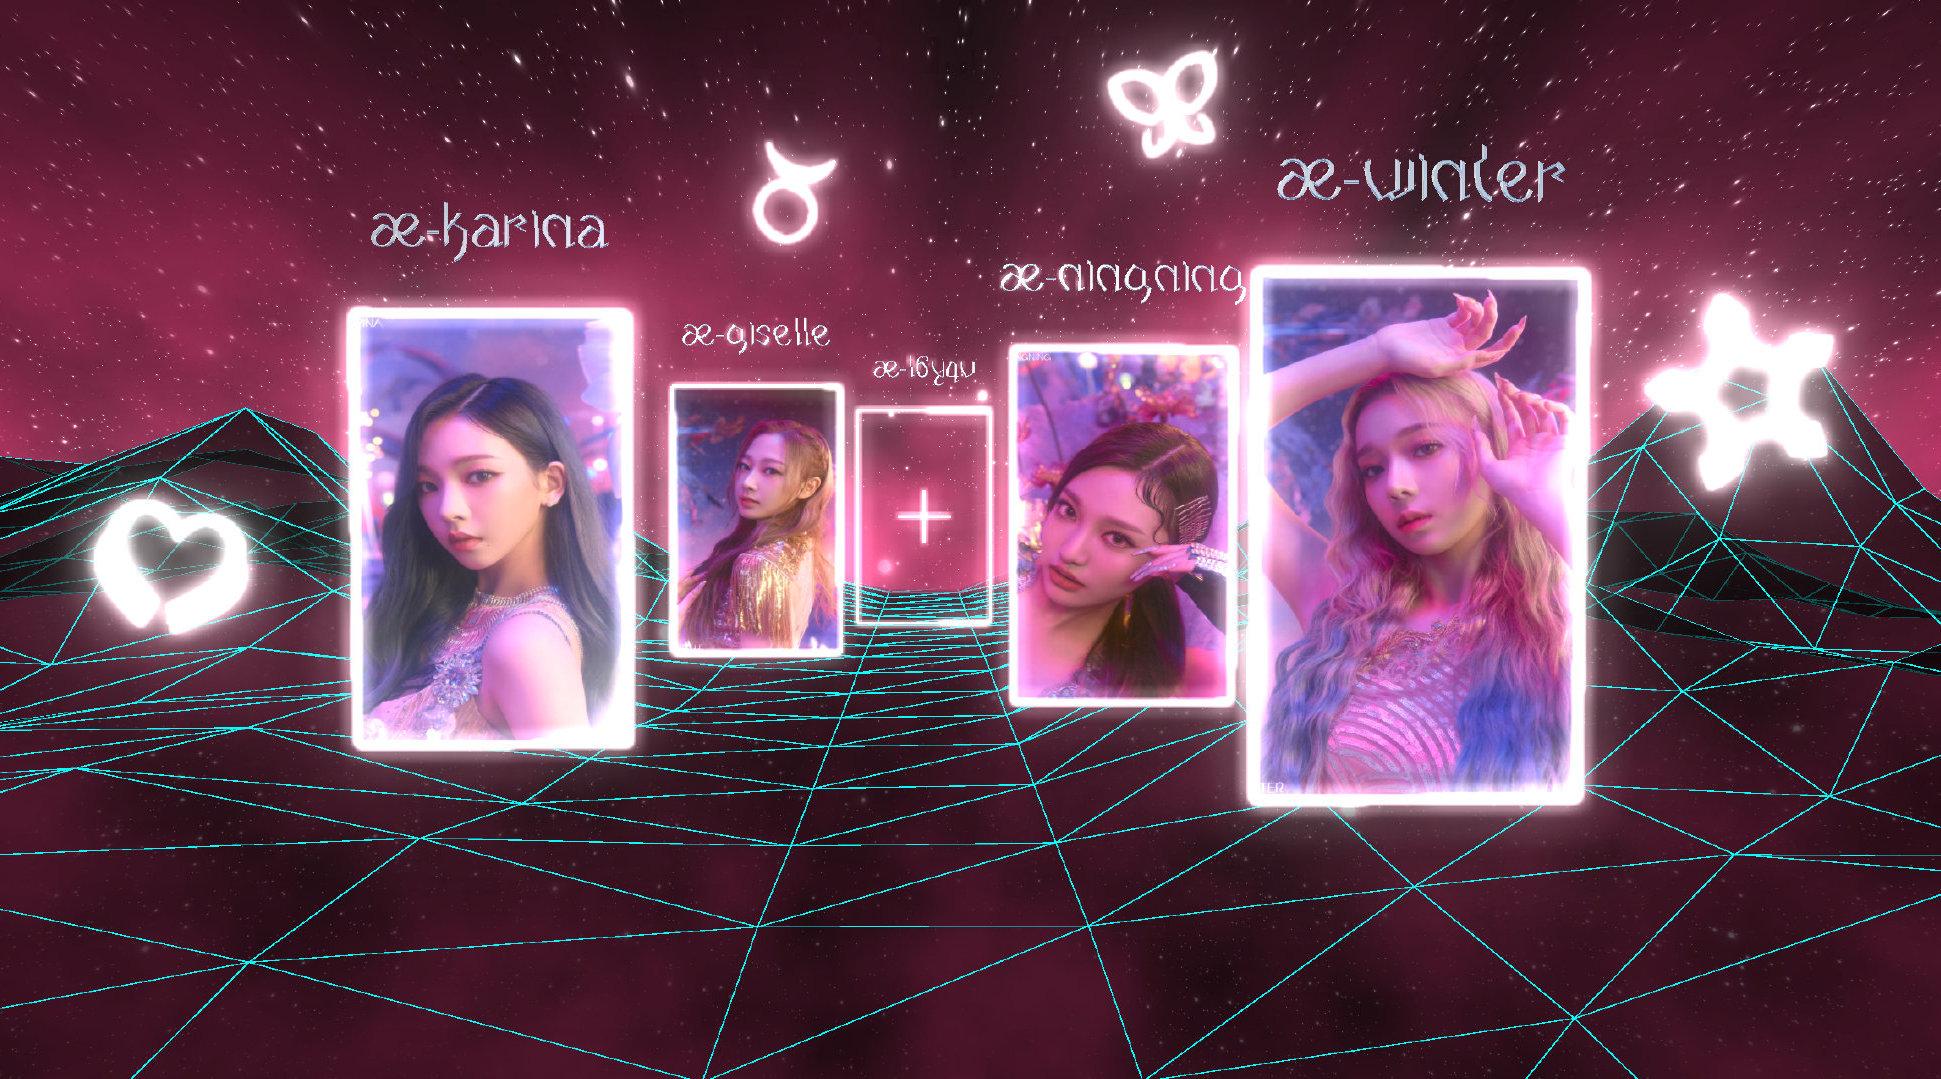 NCT专辑销量夺冠,aespa综合人气登顶,SM的未来值得期待